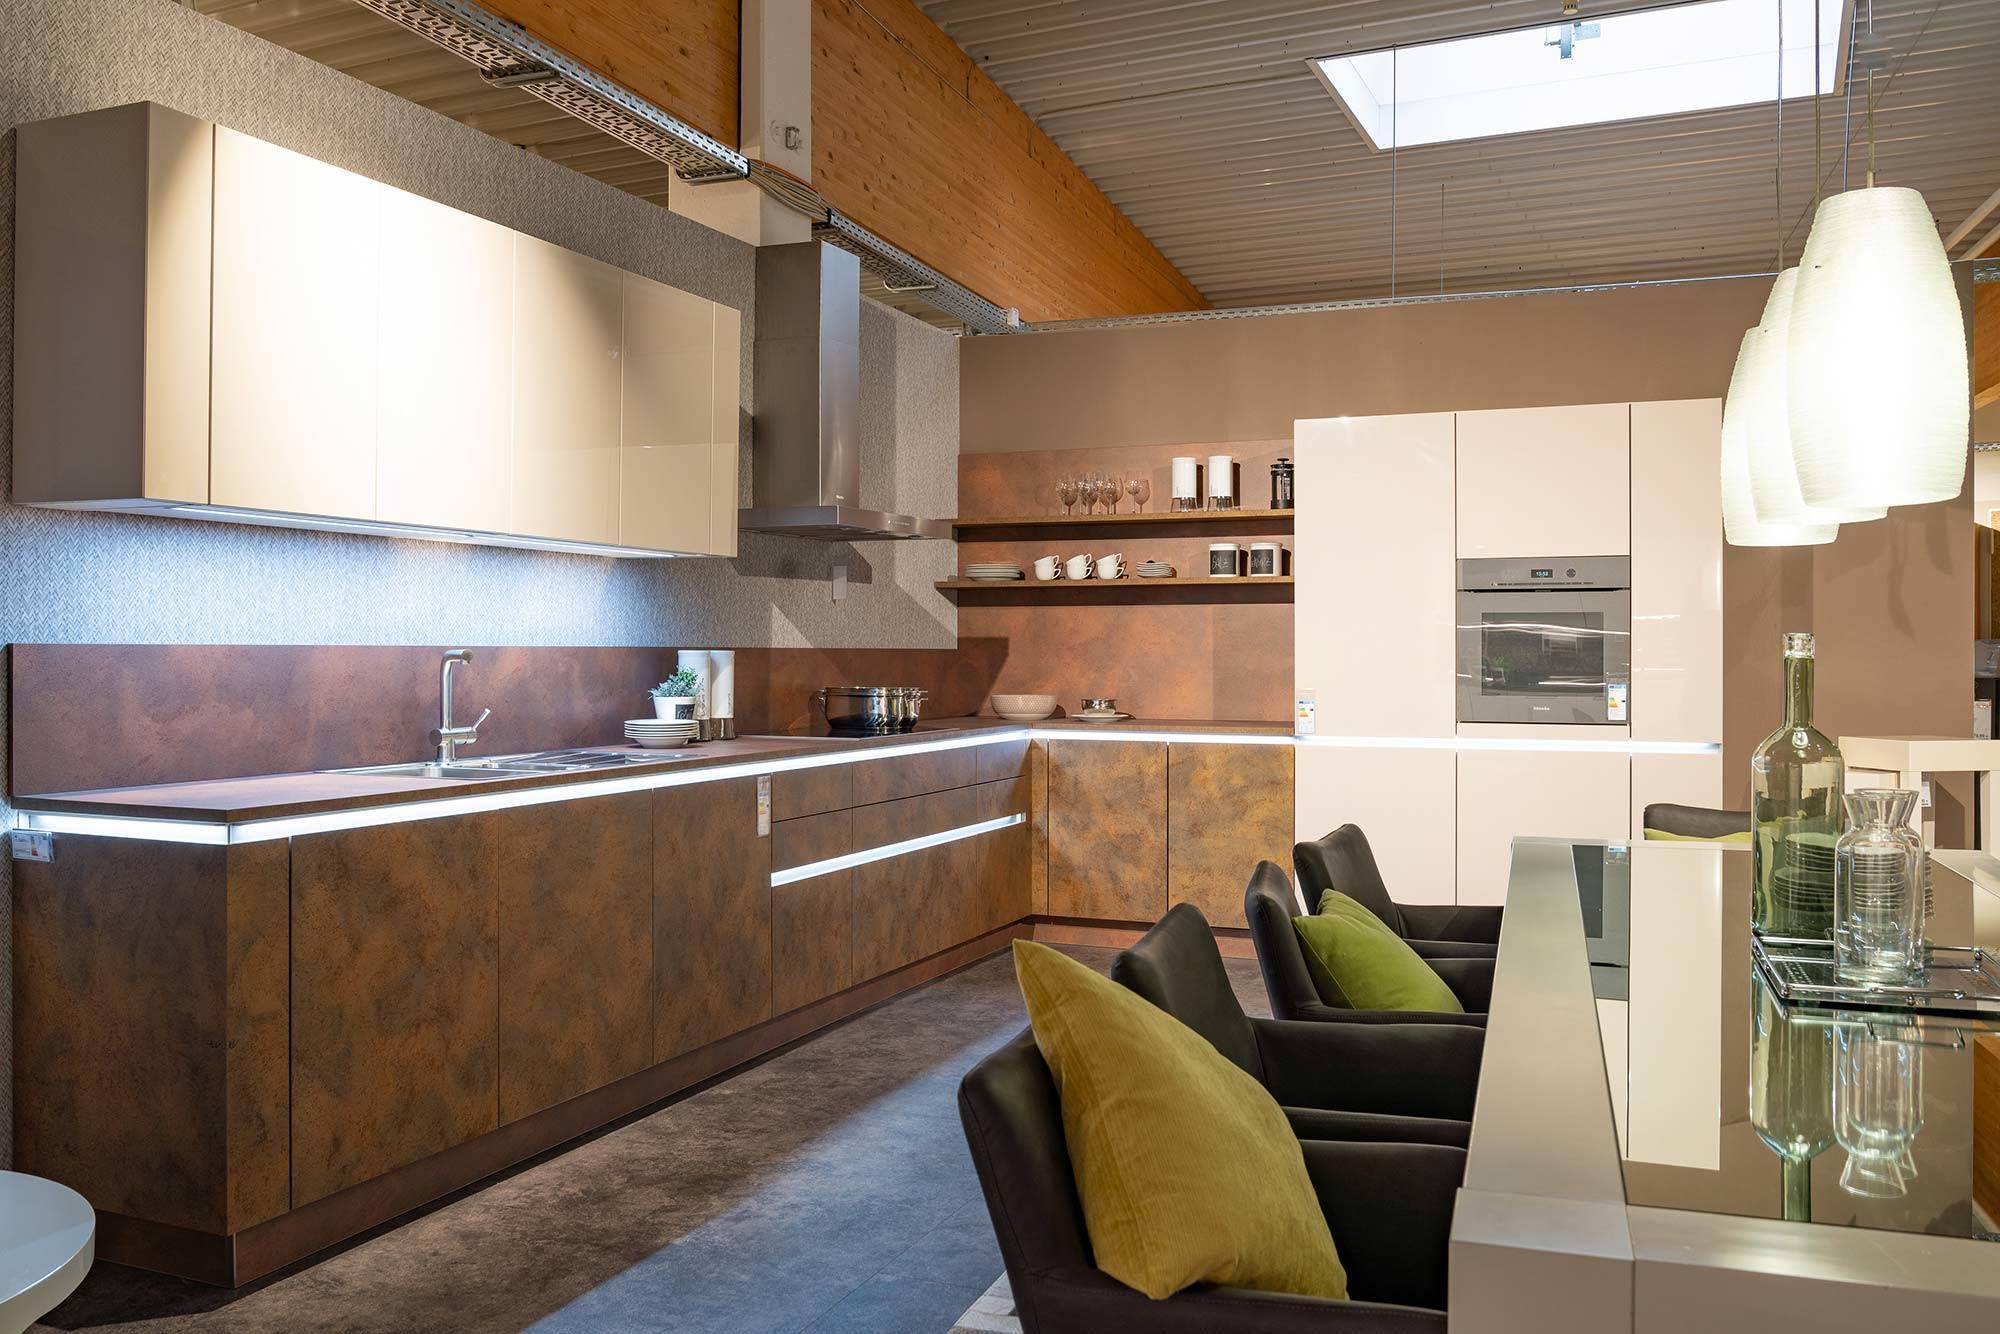 Küche Kupferoptik Fronten weiß